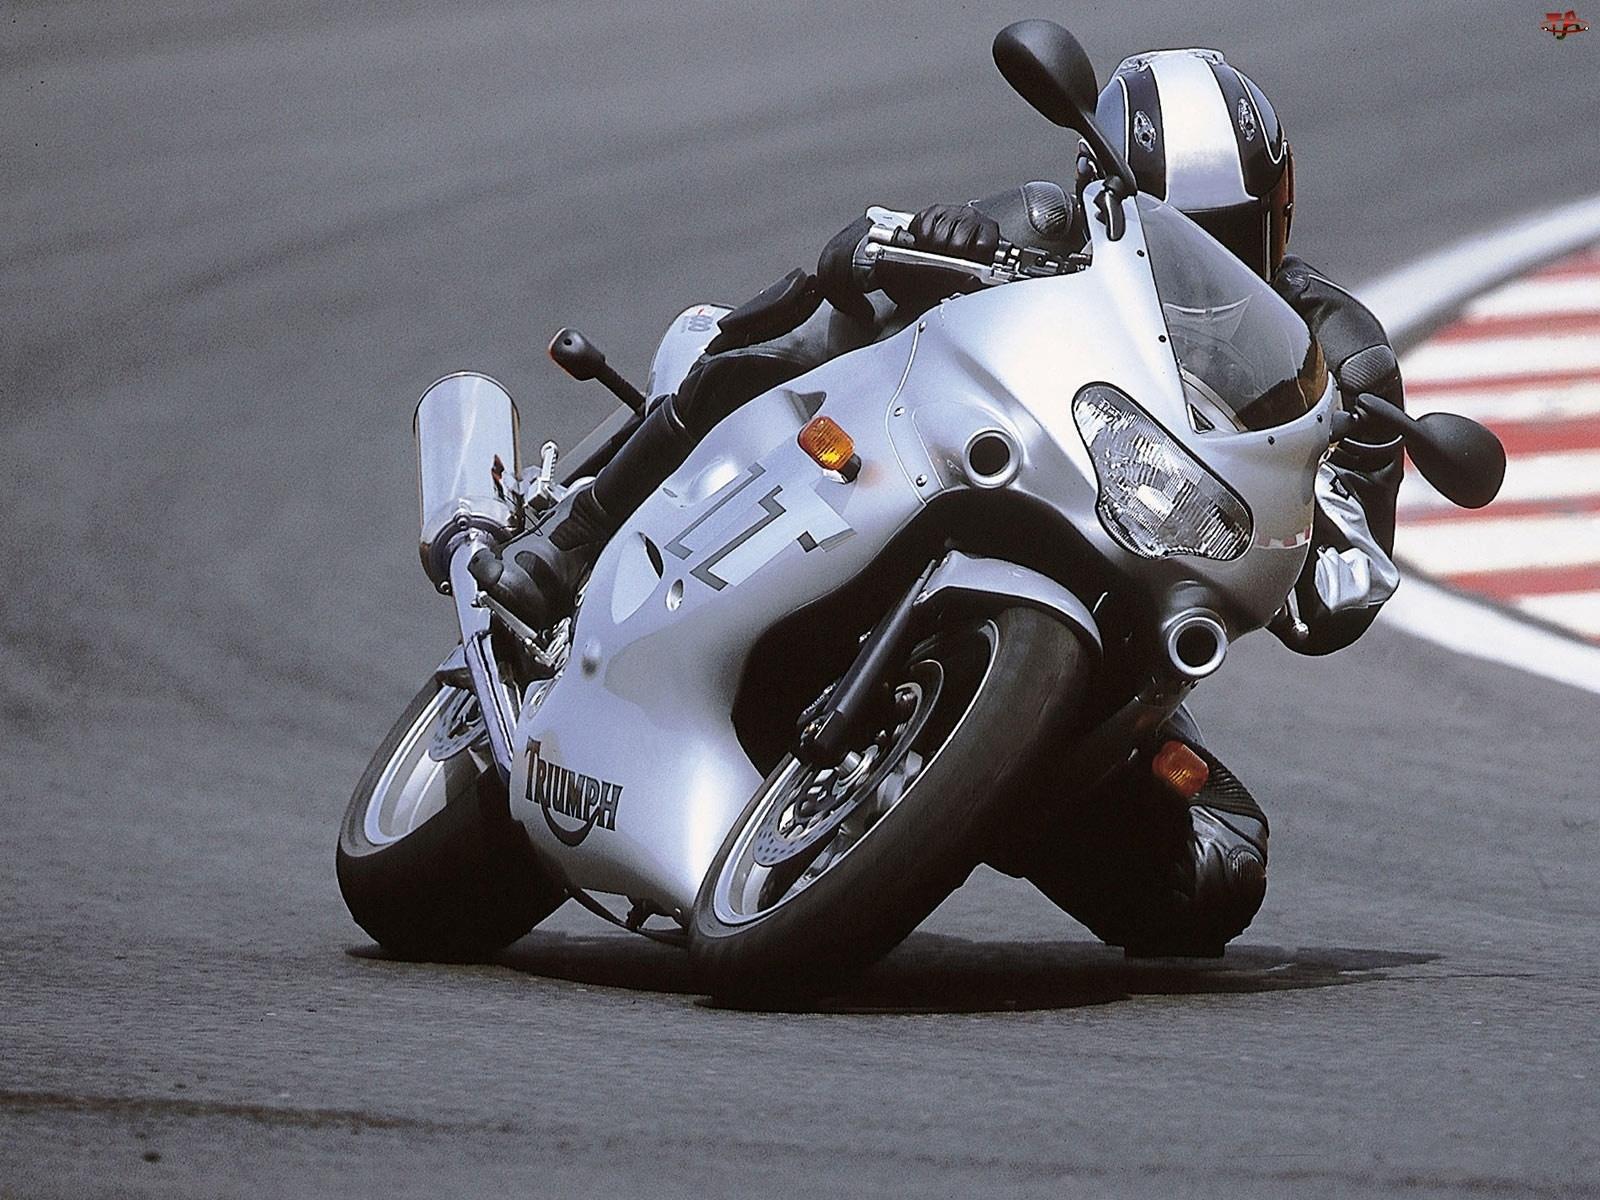 Triumph TT 600, Kolano, Wyścig, Tor